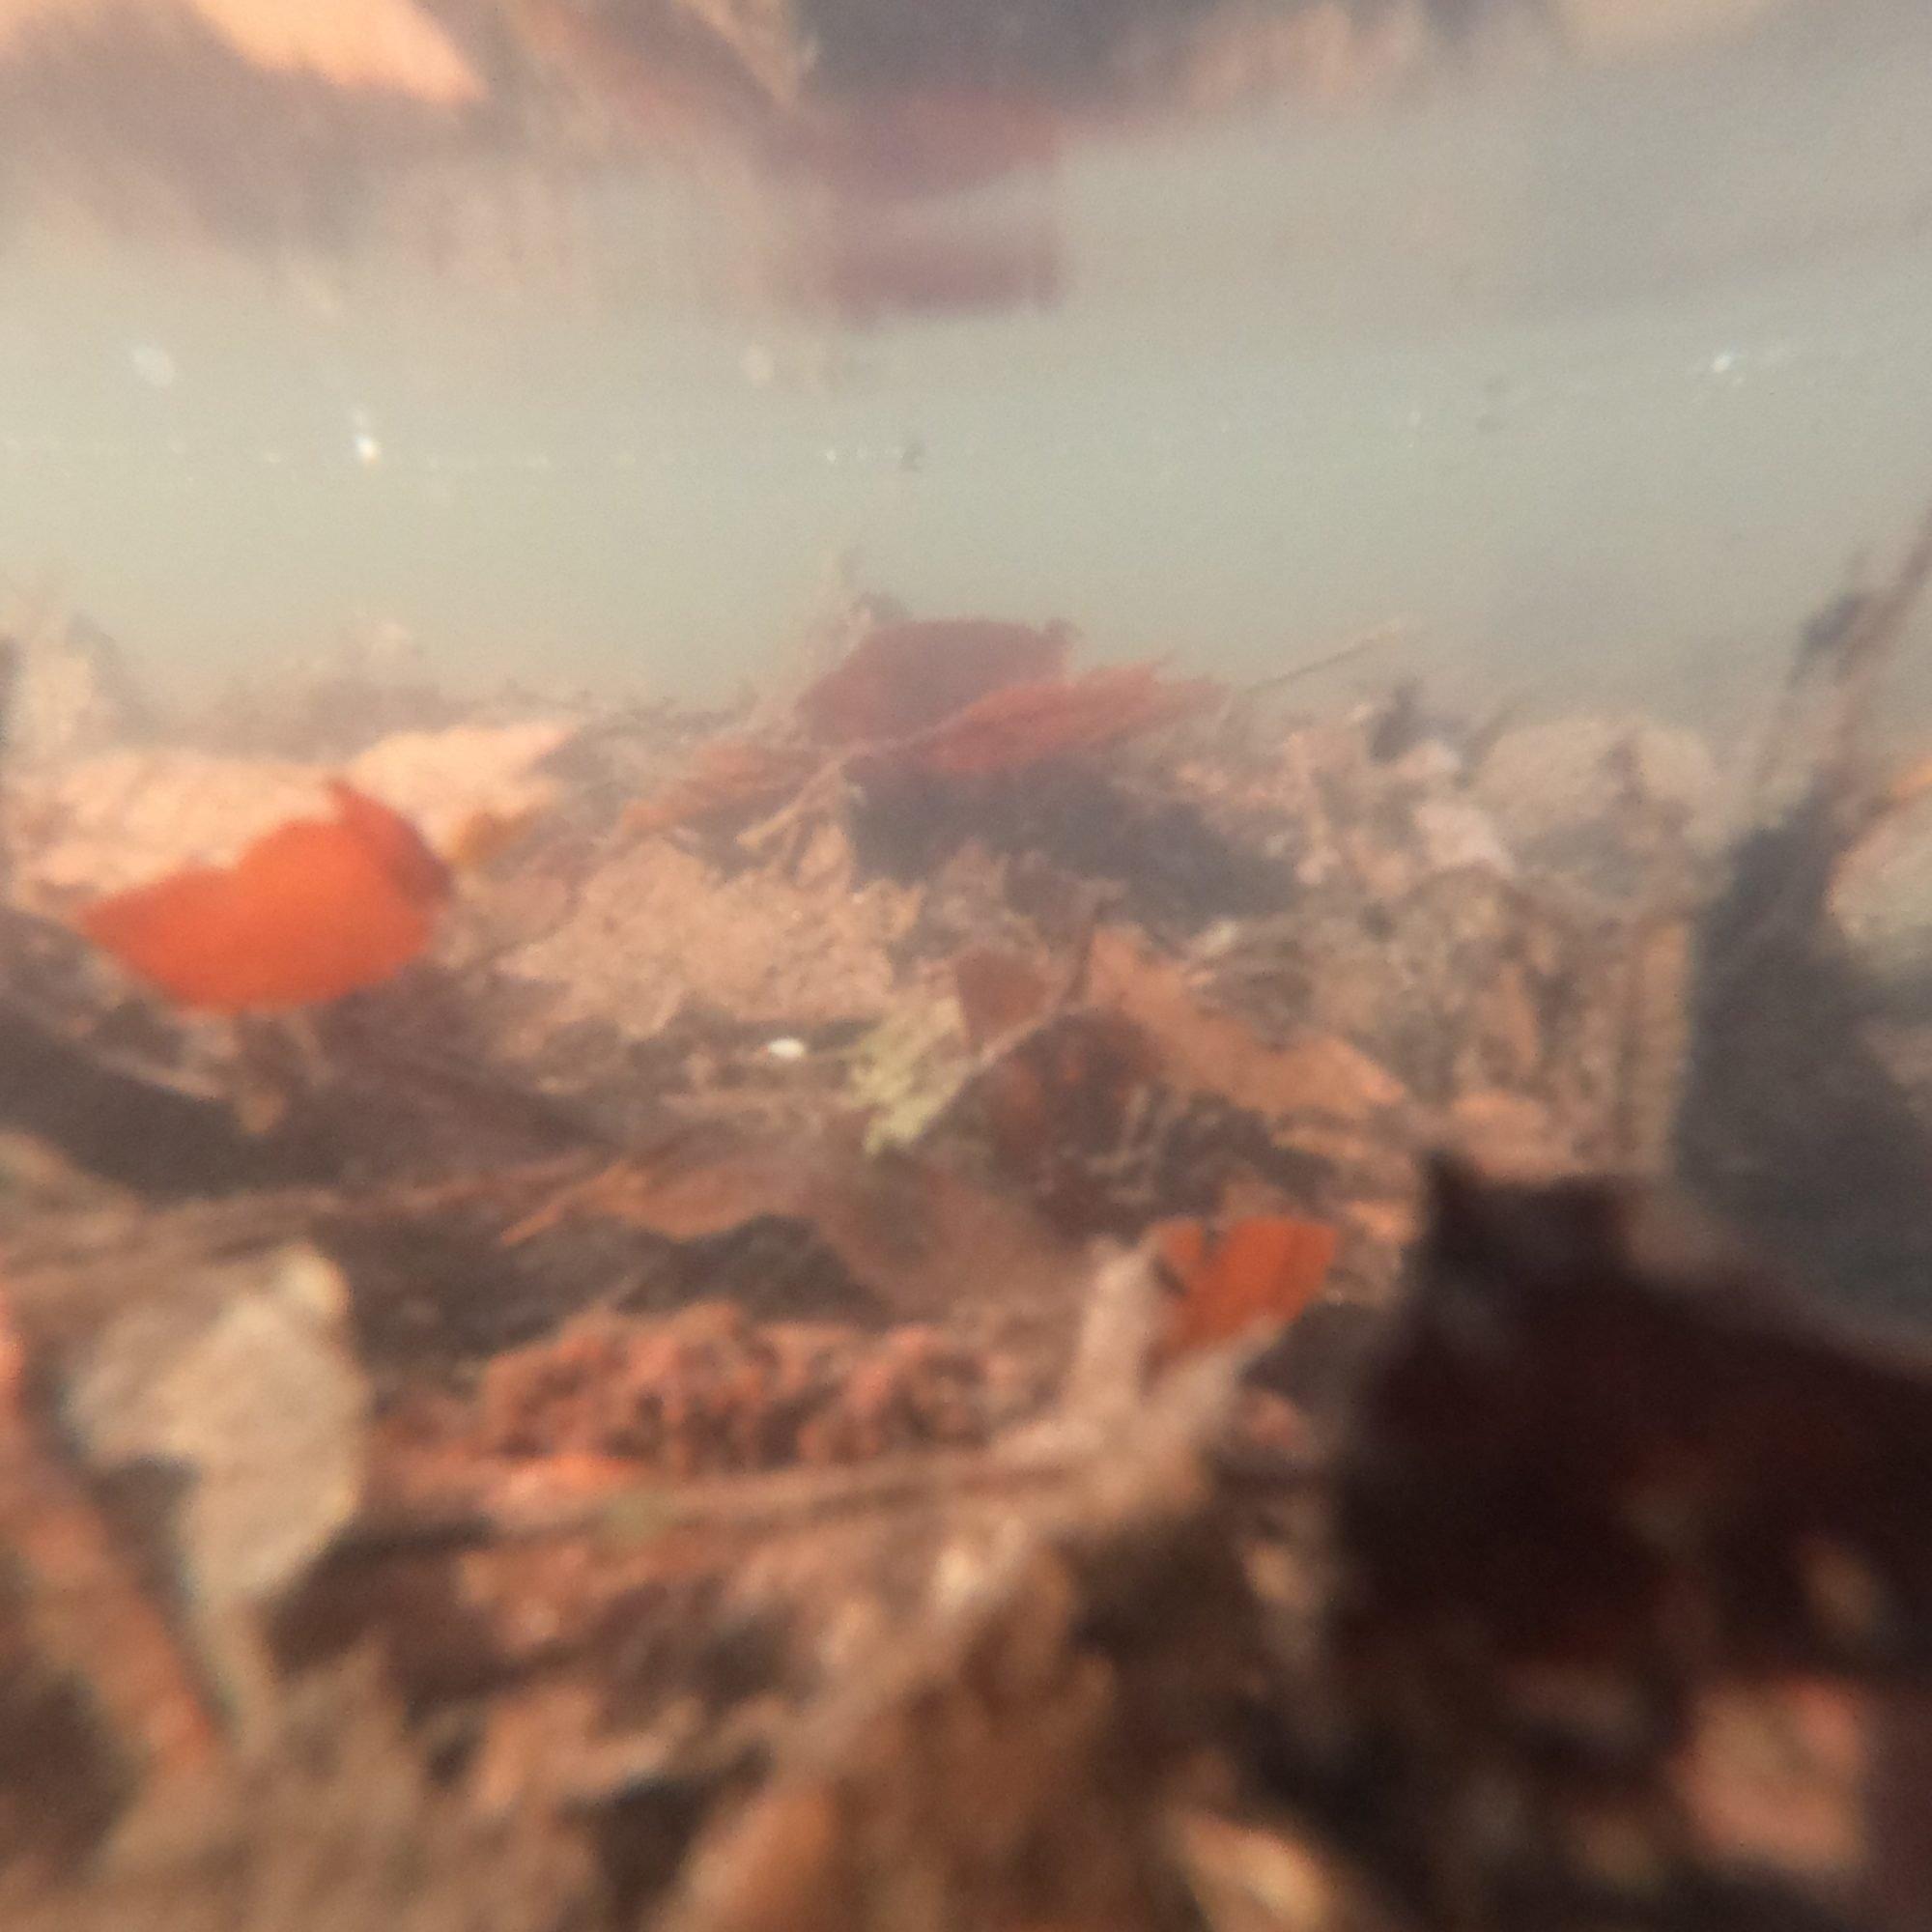 Eine verschwommene Unterwasserfotografie mit Laub, dass beinahe aussieht wie eine Berglandschaft unter Wasser,